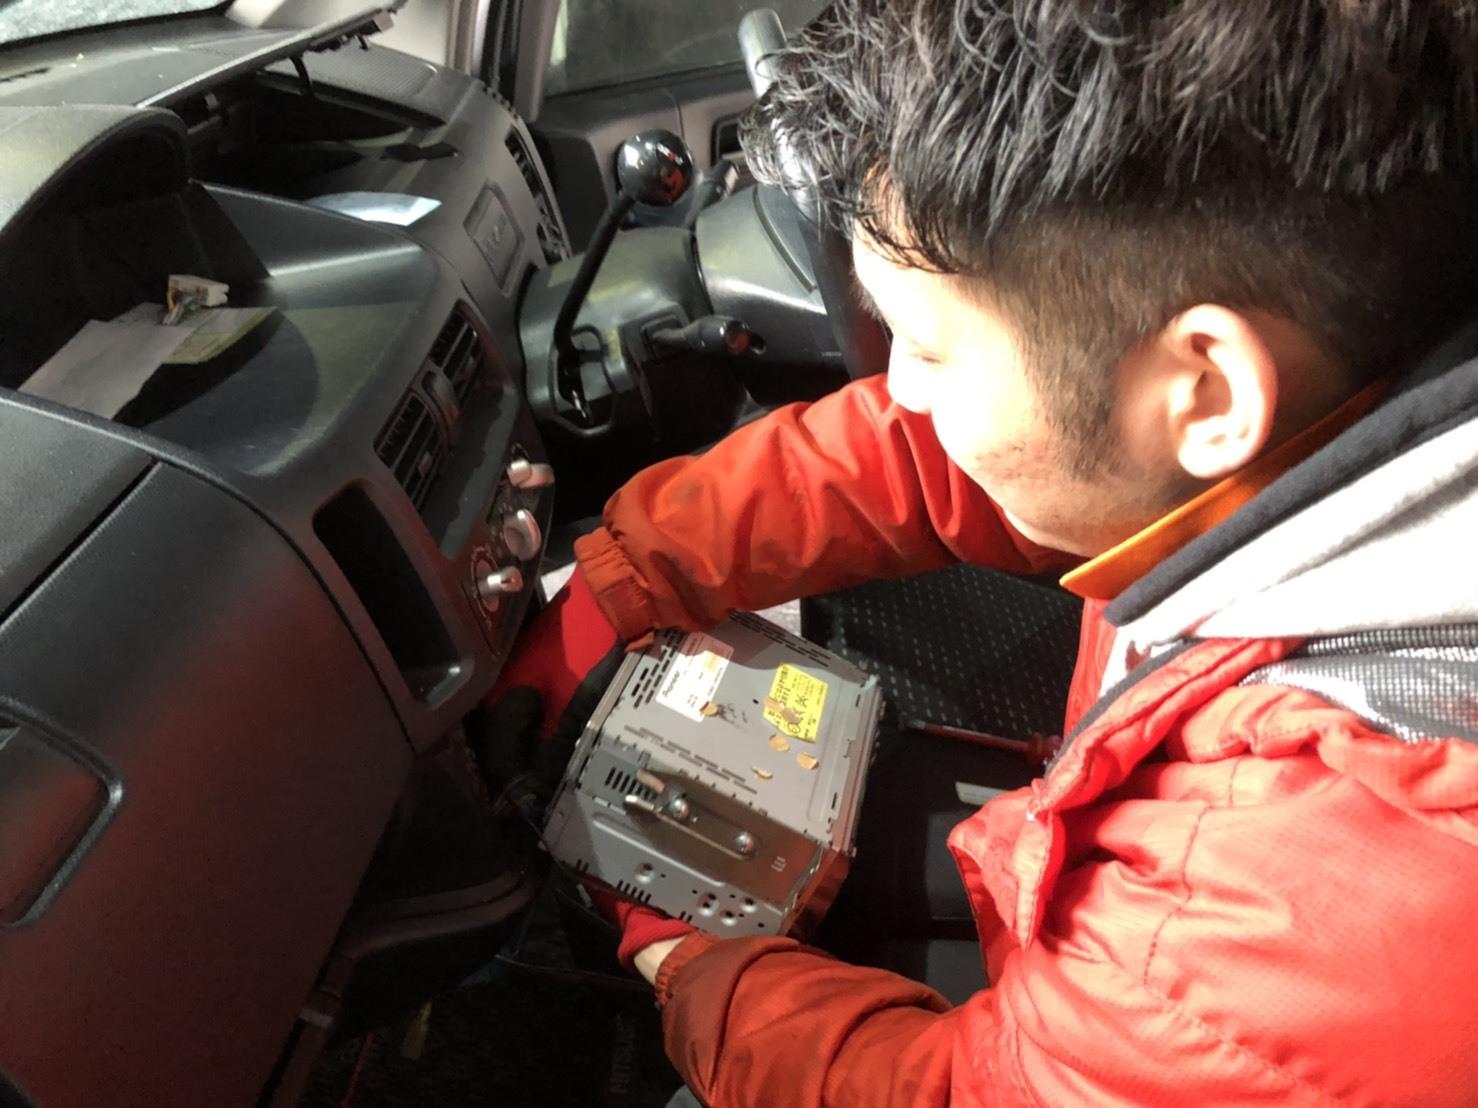 12月22日(日)TOMMYBASEブログ☆S様エブリィワゴン納車✨✨レクサス専門♬スバル車多数🎶限定車♬希少車🎶レガシィ♬フォレスター☆自社ローン_b0127002_16405306.jpg